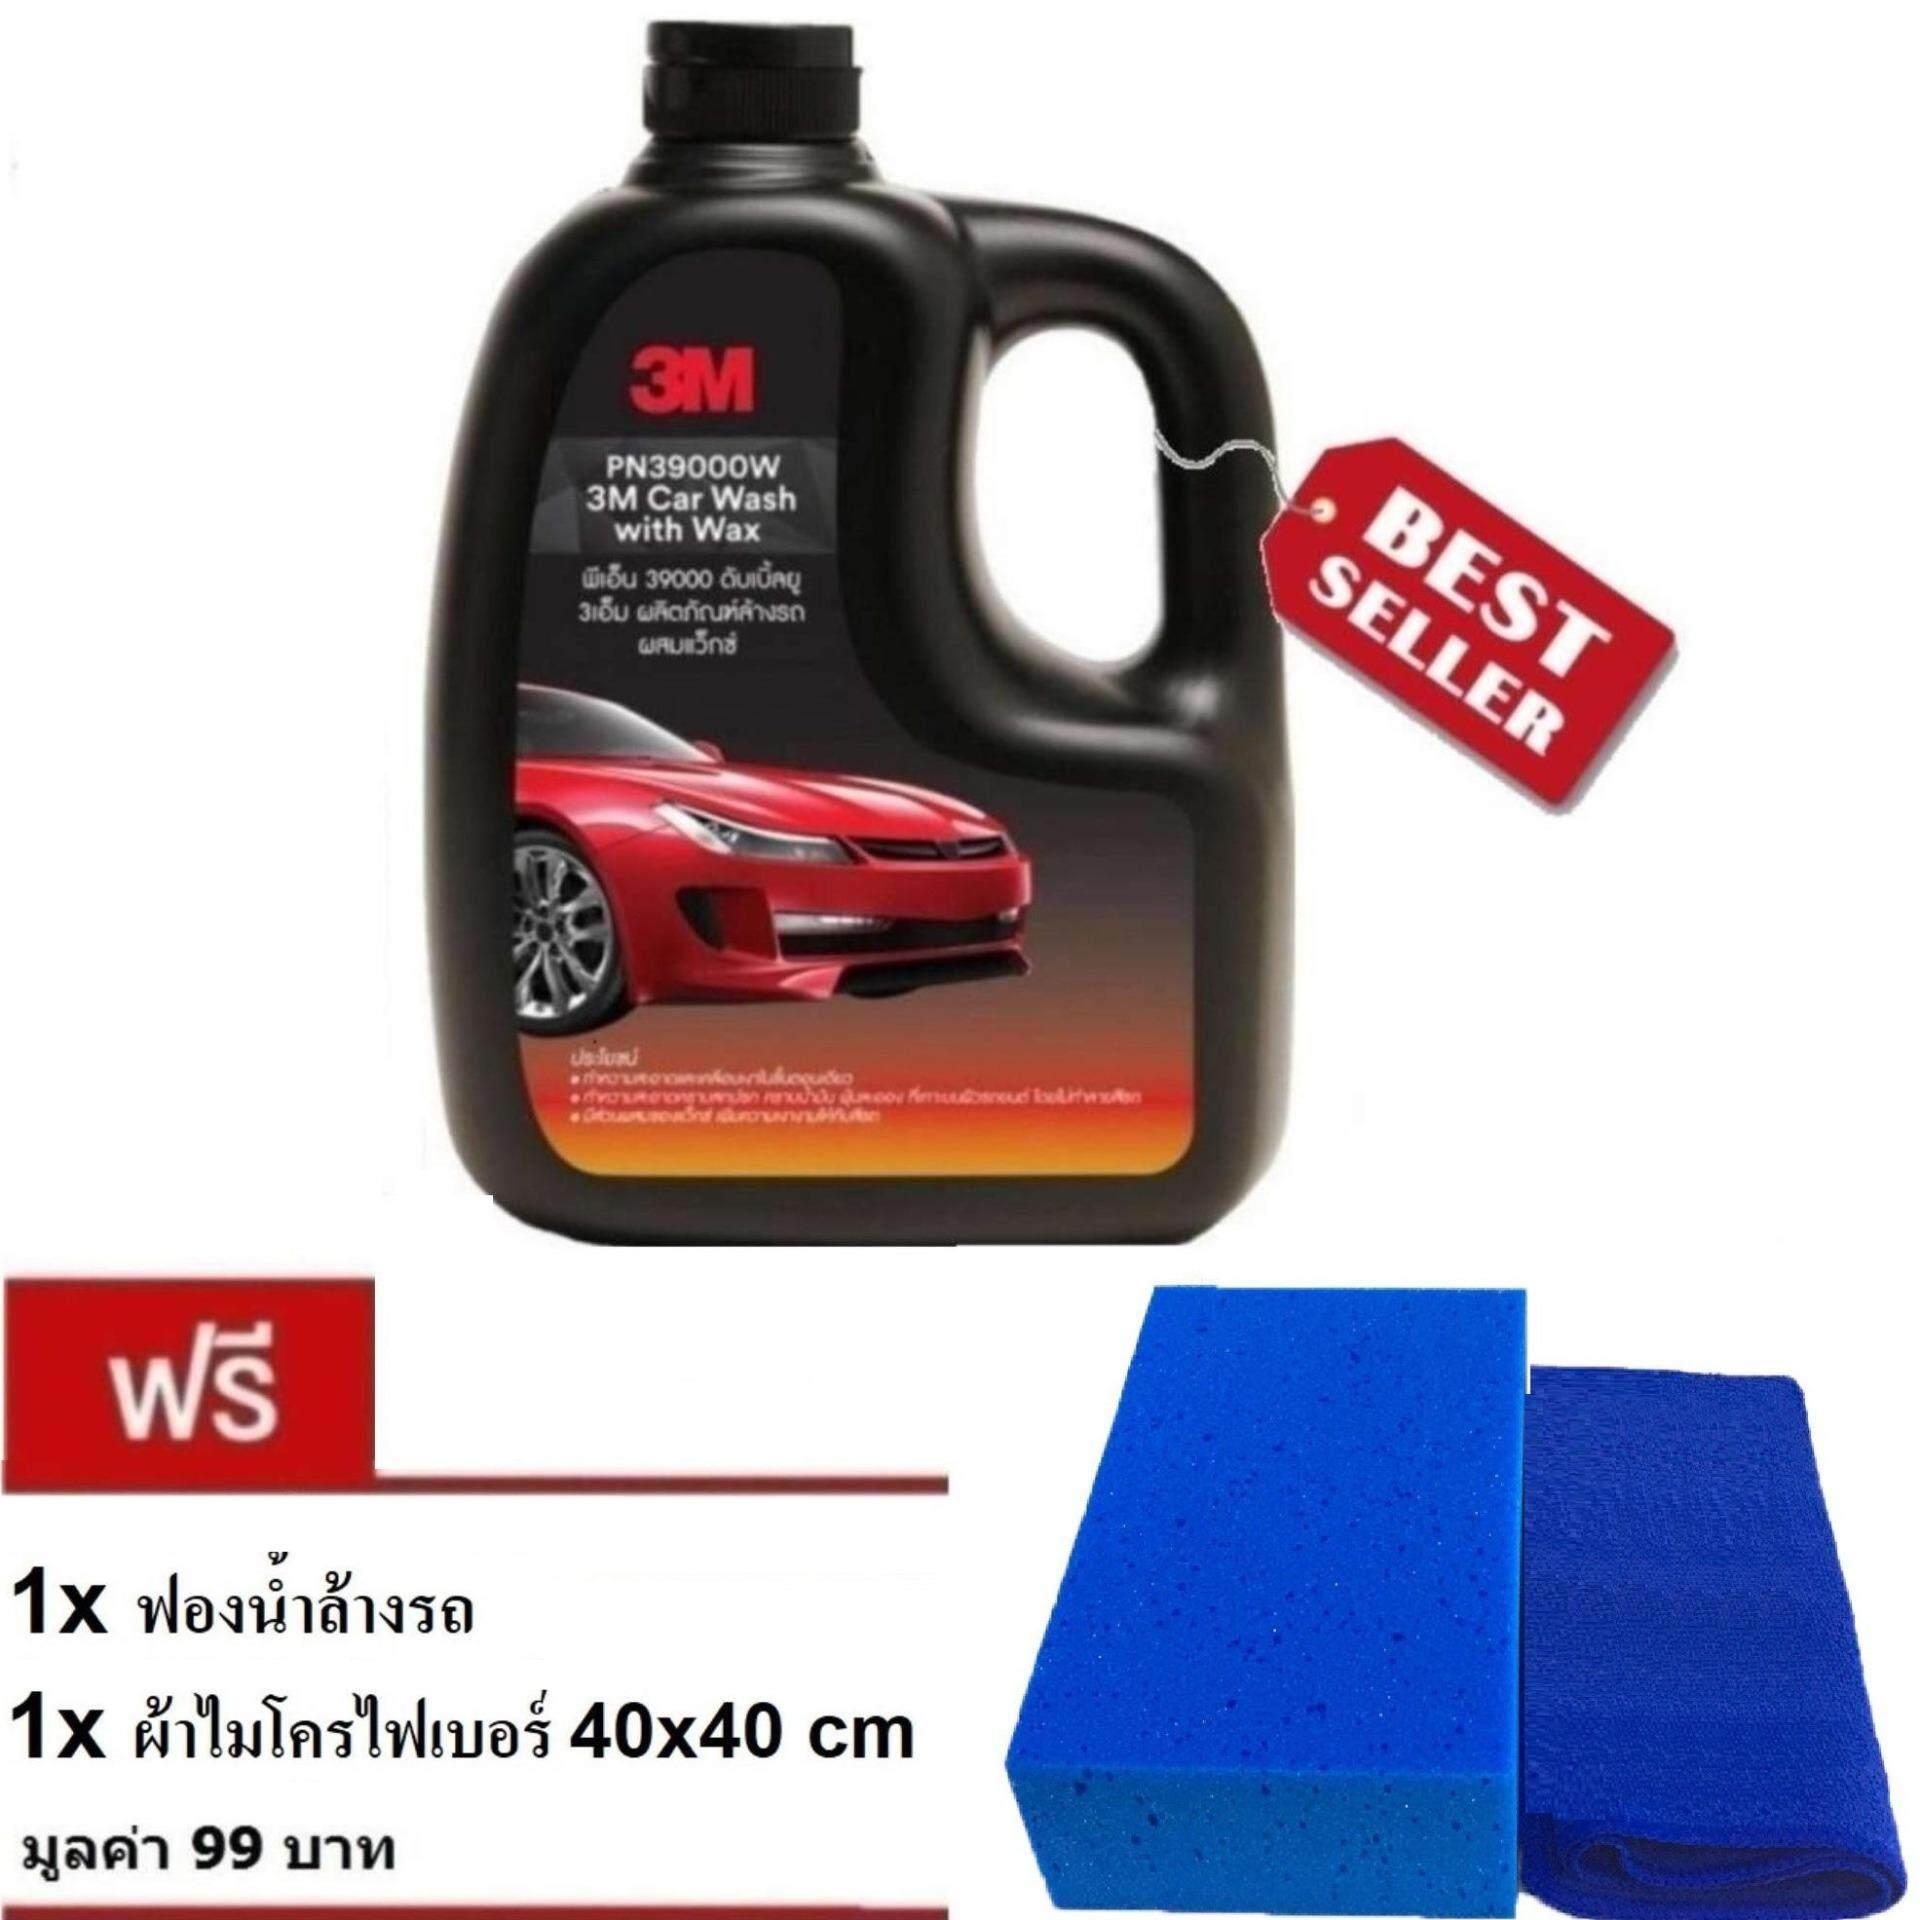 3m ผลิตภัณฑ์ล้างรถ ผสมแว๊กซ์ Car Wash With Wax 1 ลิตร ผสมแวกซ์ 39000w น้ำยาล้างรถ + ของแถม G3 ฟองน้ำล้างรถ, ผ้าไมโคร By Intech Premier.